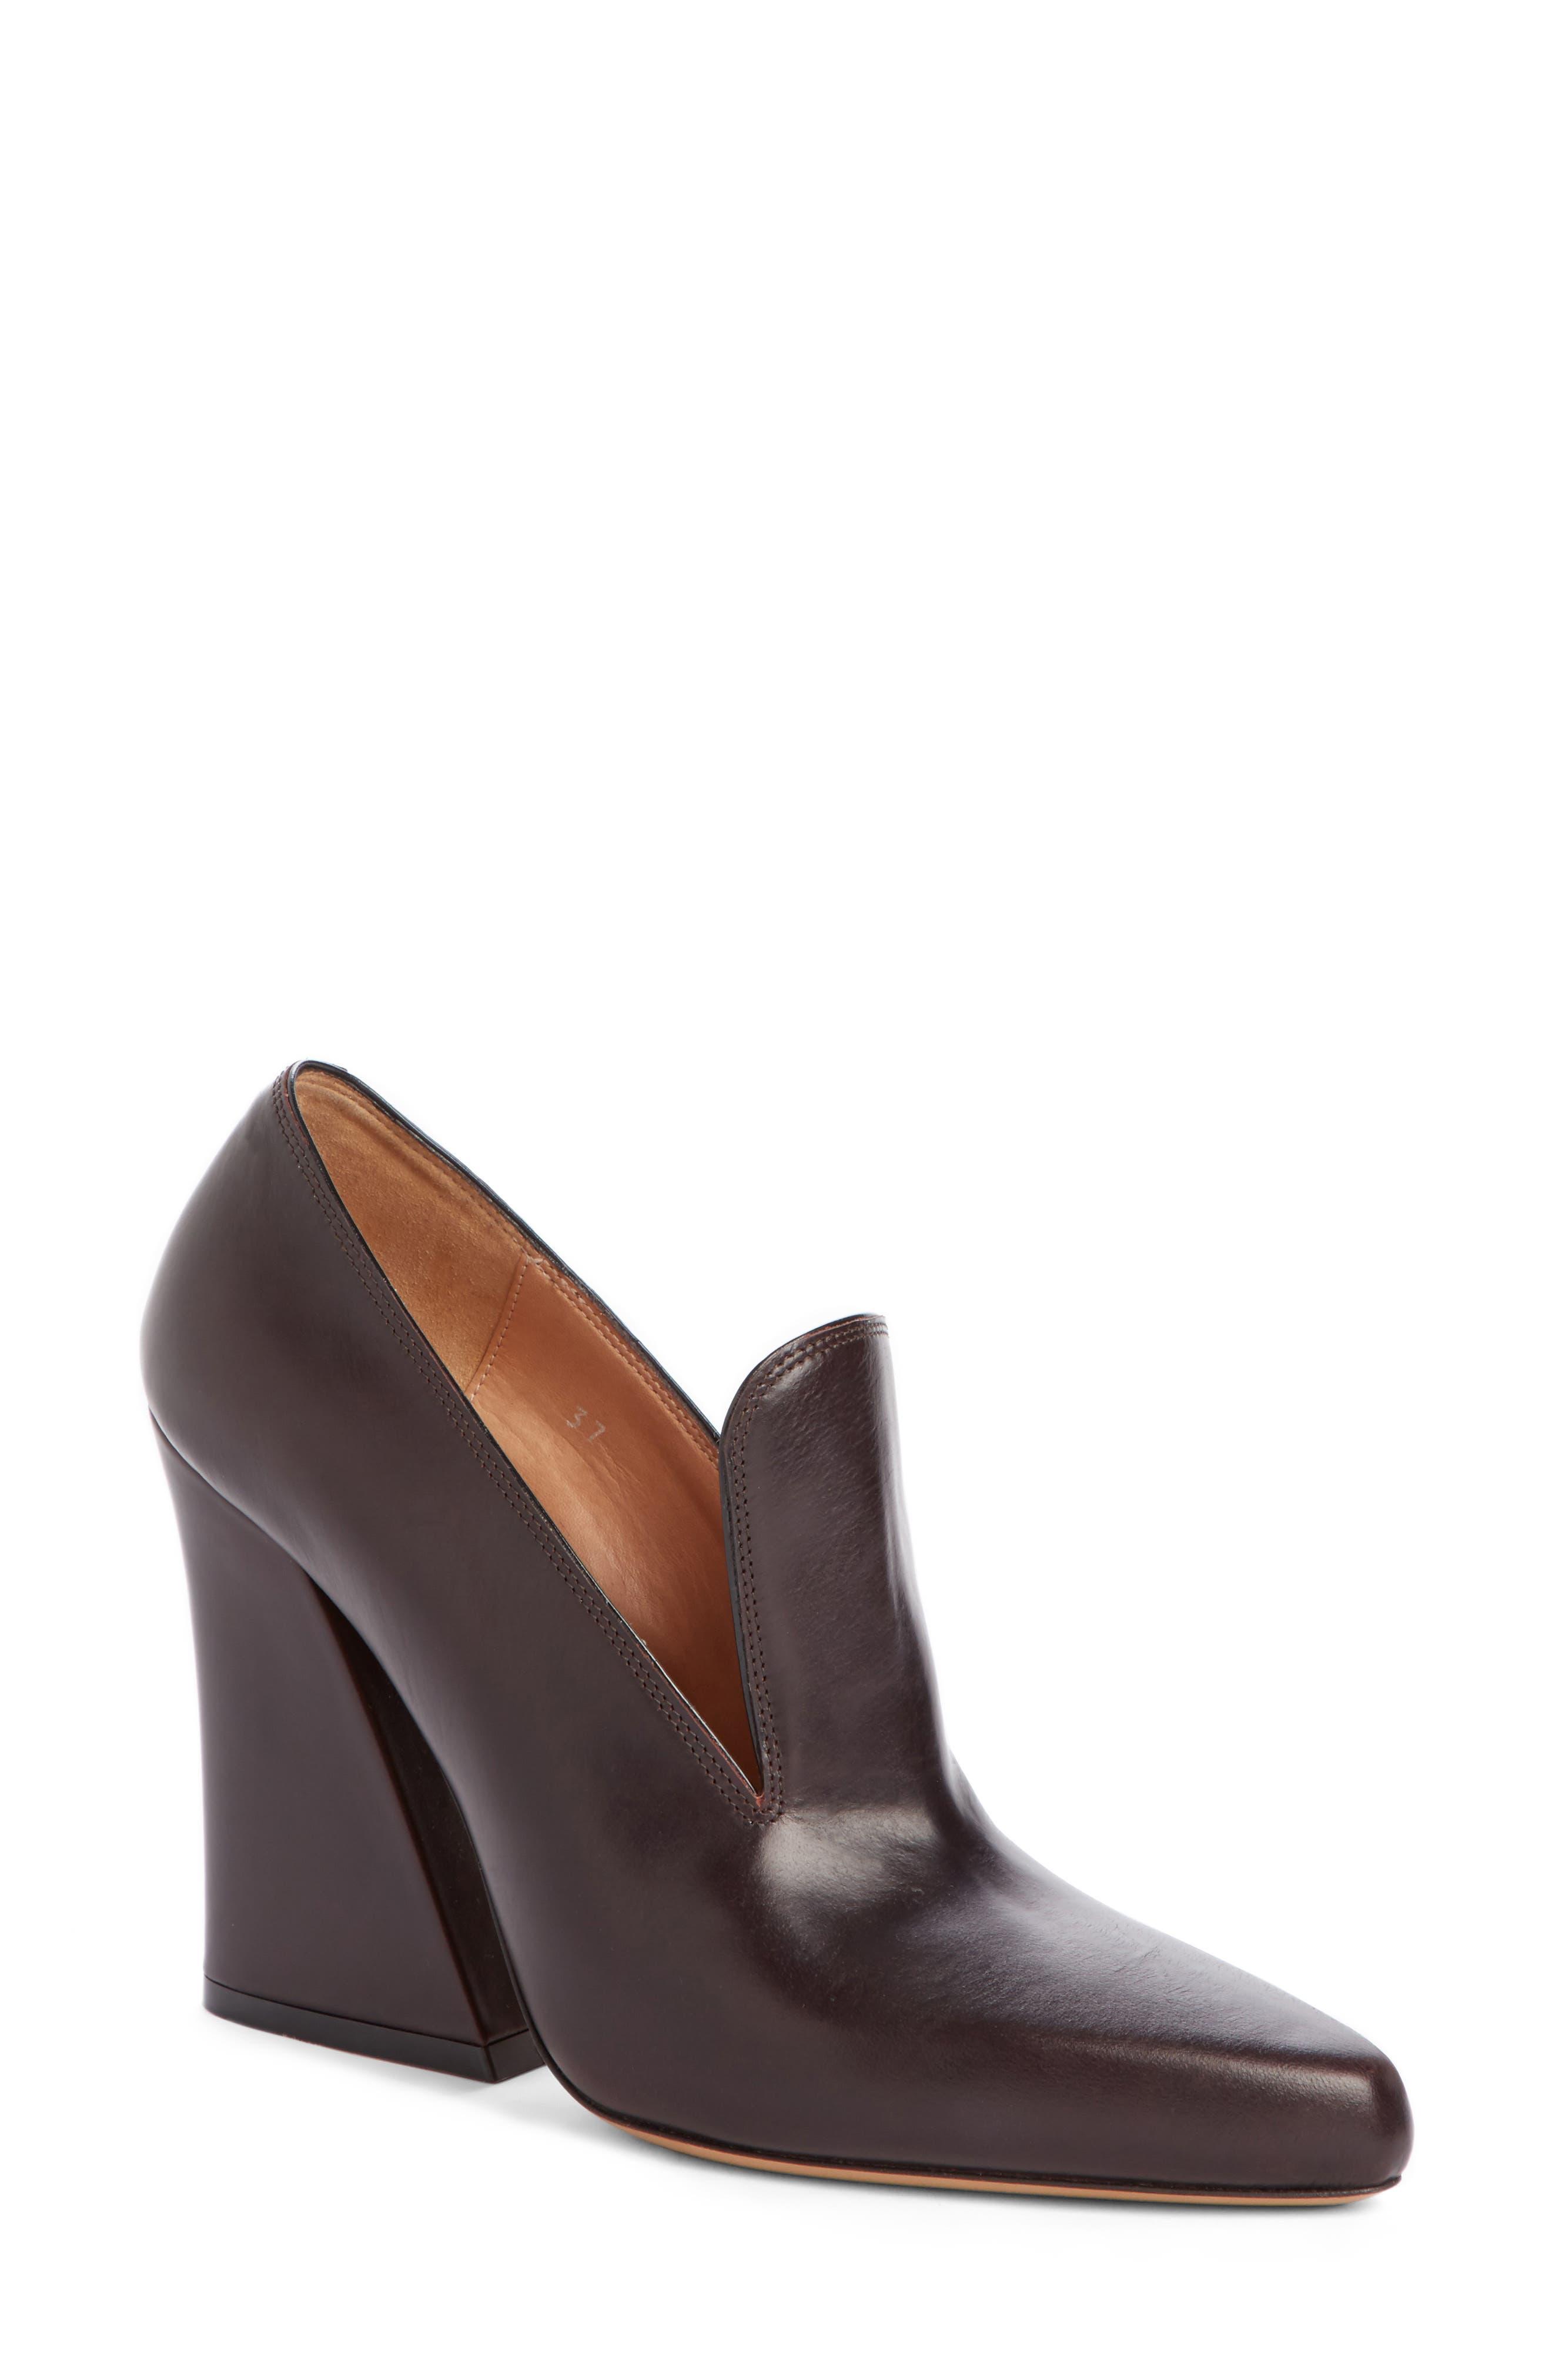 Alternate Image 1 Selected - Dries Van Noten Block Heel Loafer Pump (Women)